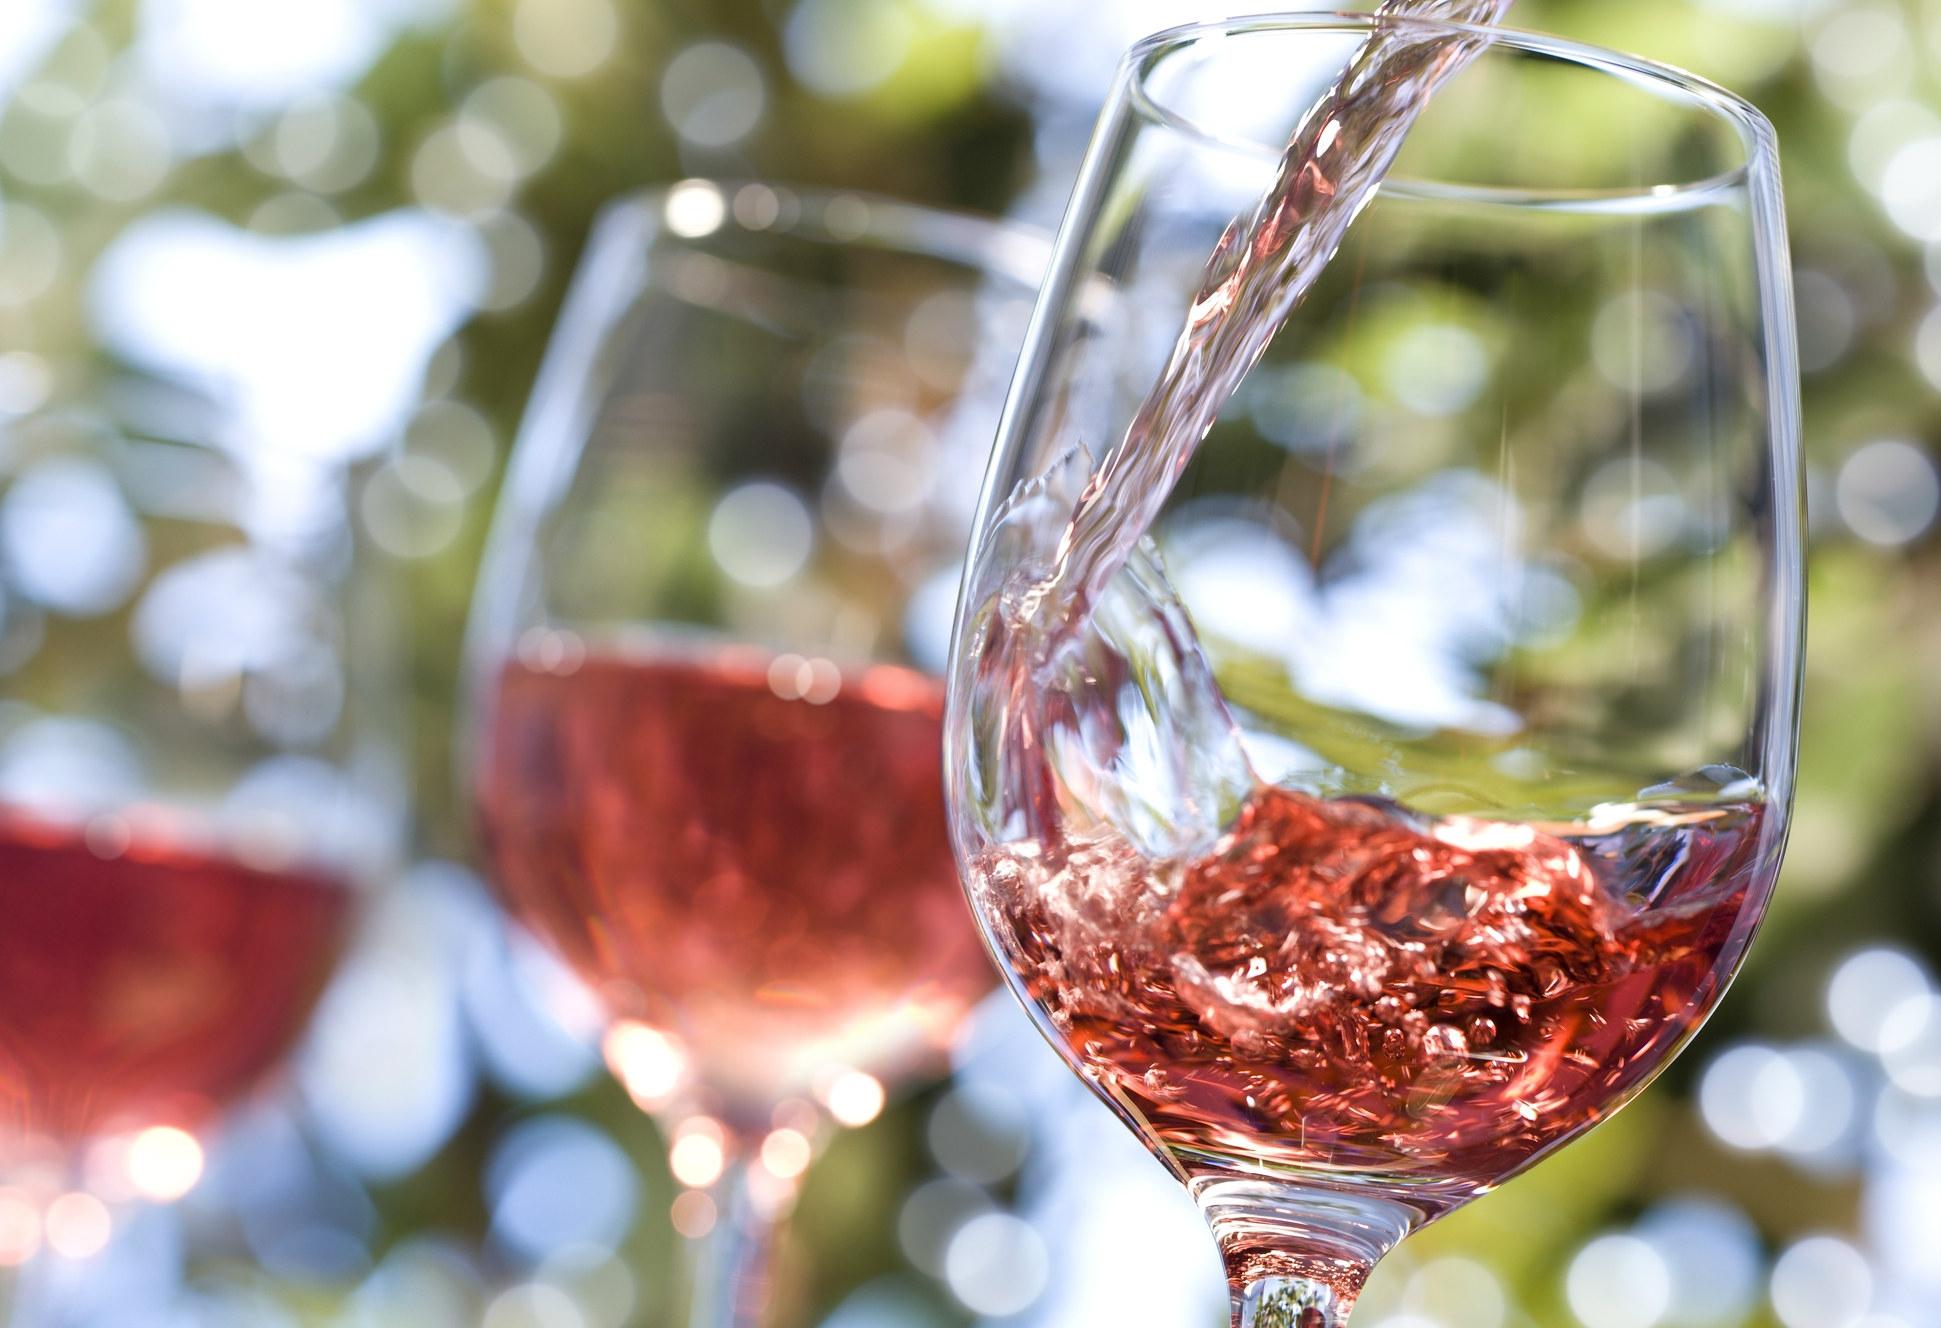 Marit biecht op: 'Voor elk wijntje verzin ik wel een excuus'